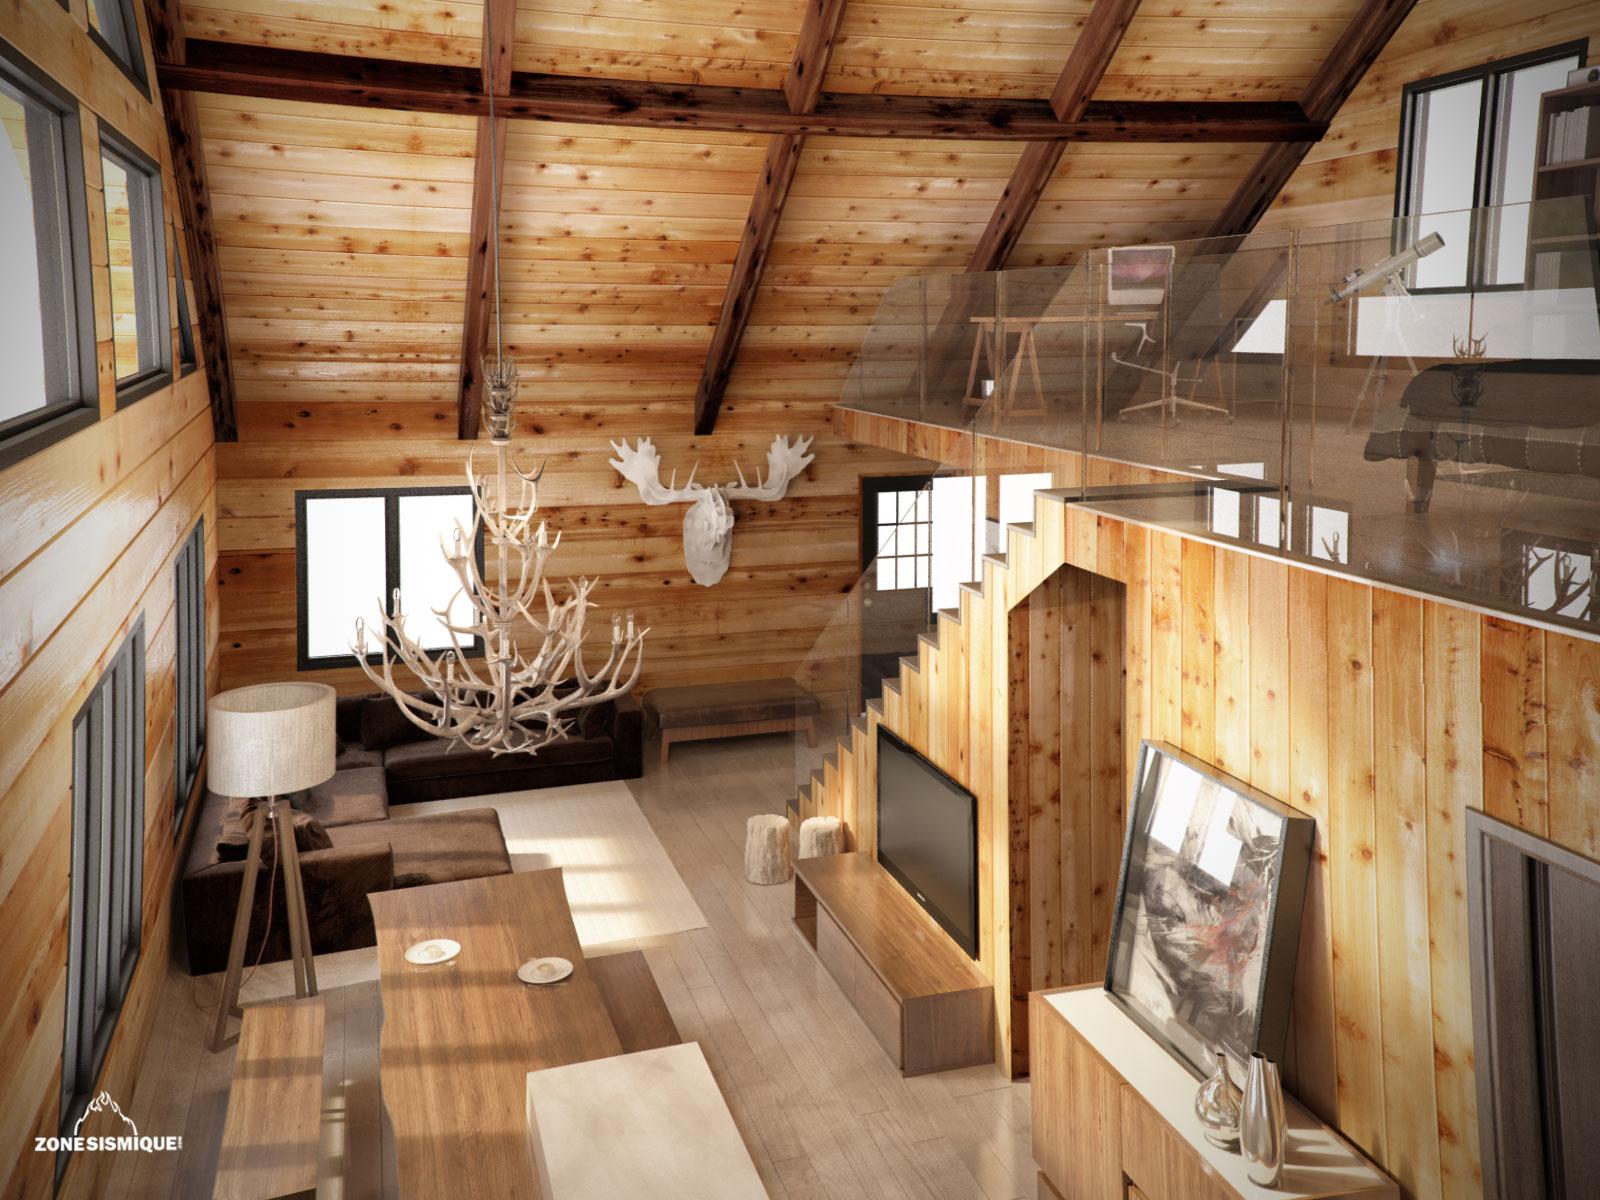 Decoration Interieur Salon Chalet | Amenagement Interieur Chalet ...